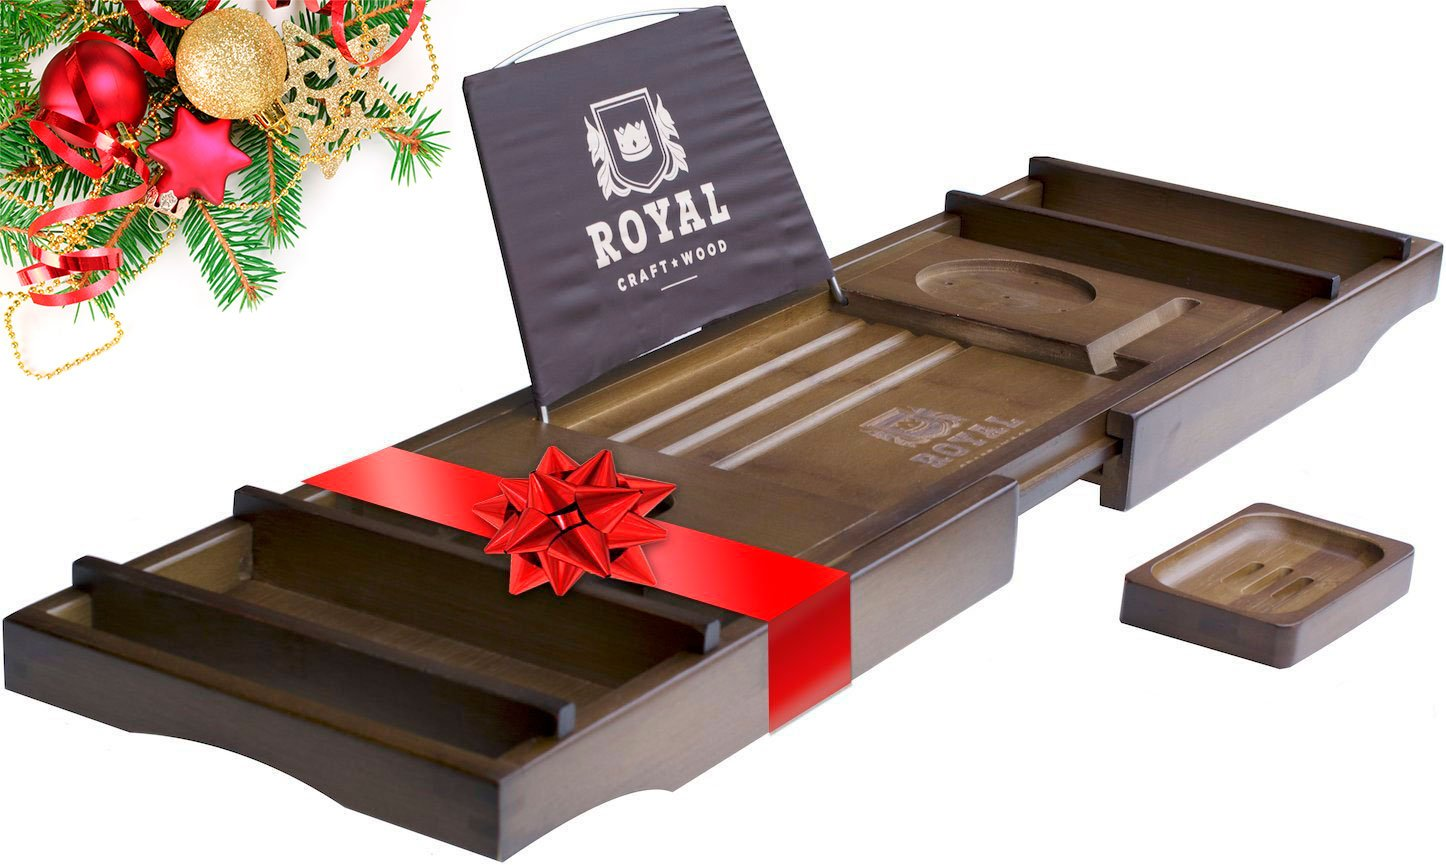 ROYAL CRAFT WOOD Luxury Bamboo Bathtub Caddy Tray, + FREE Soap ...